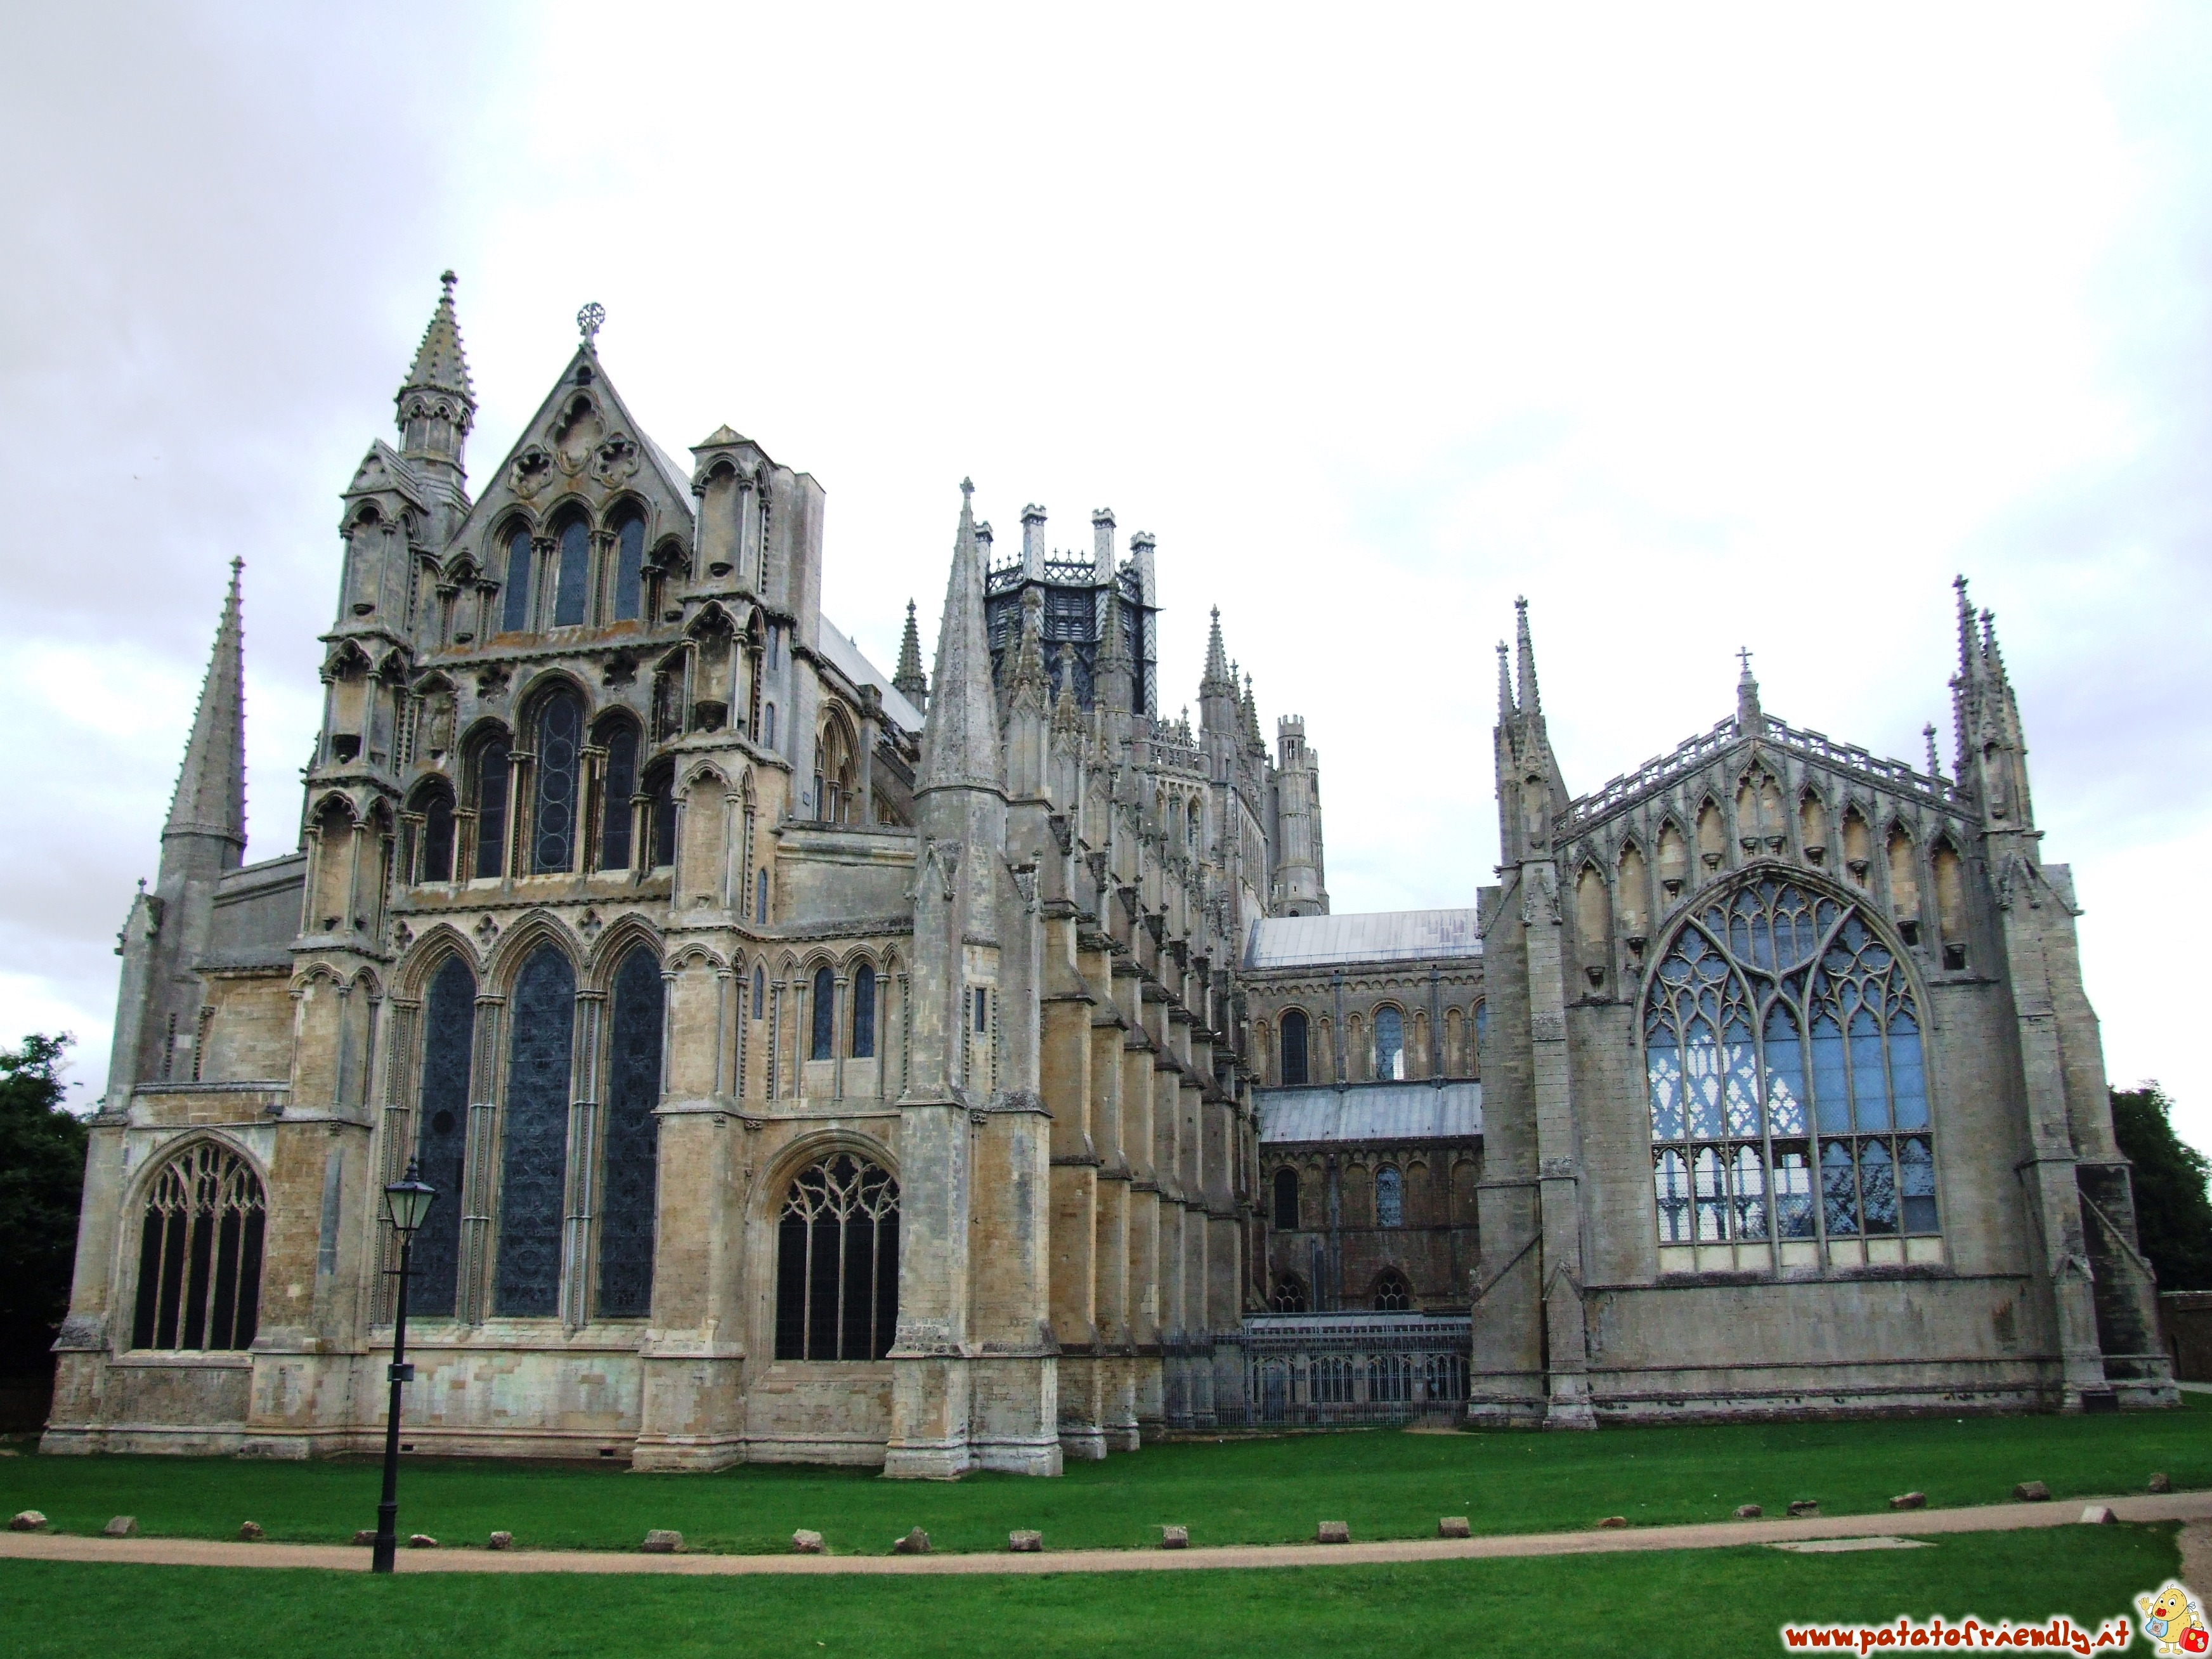 La maestosa cattedrale di Ely